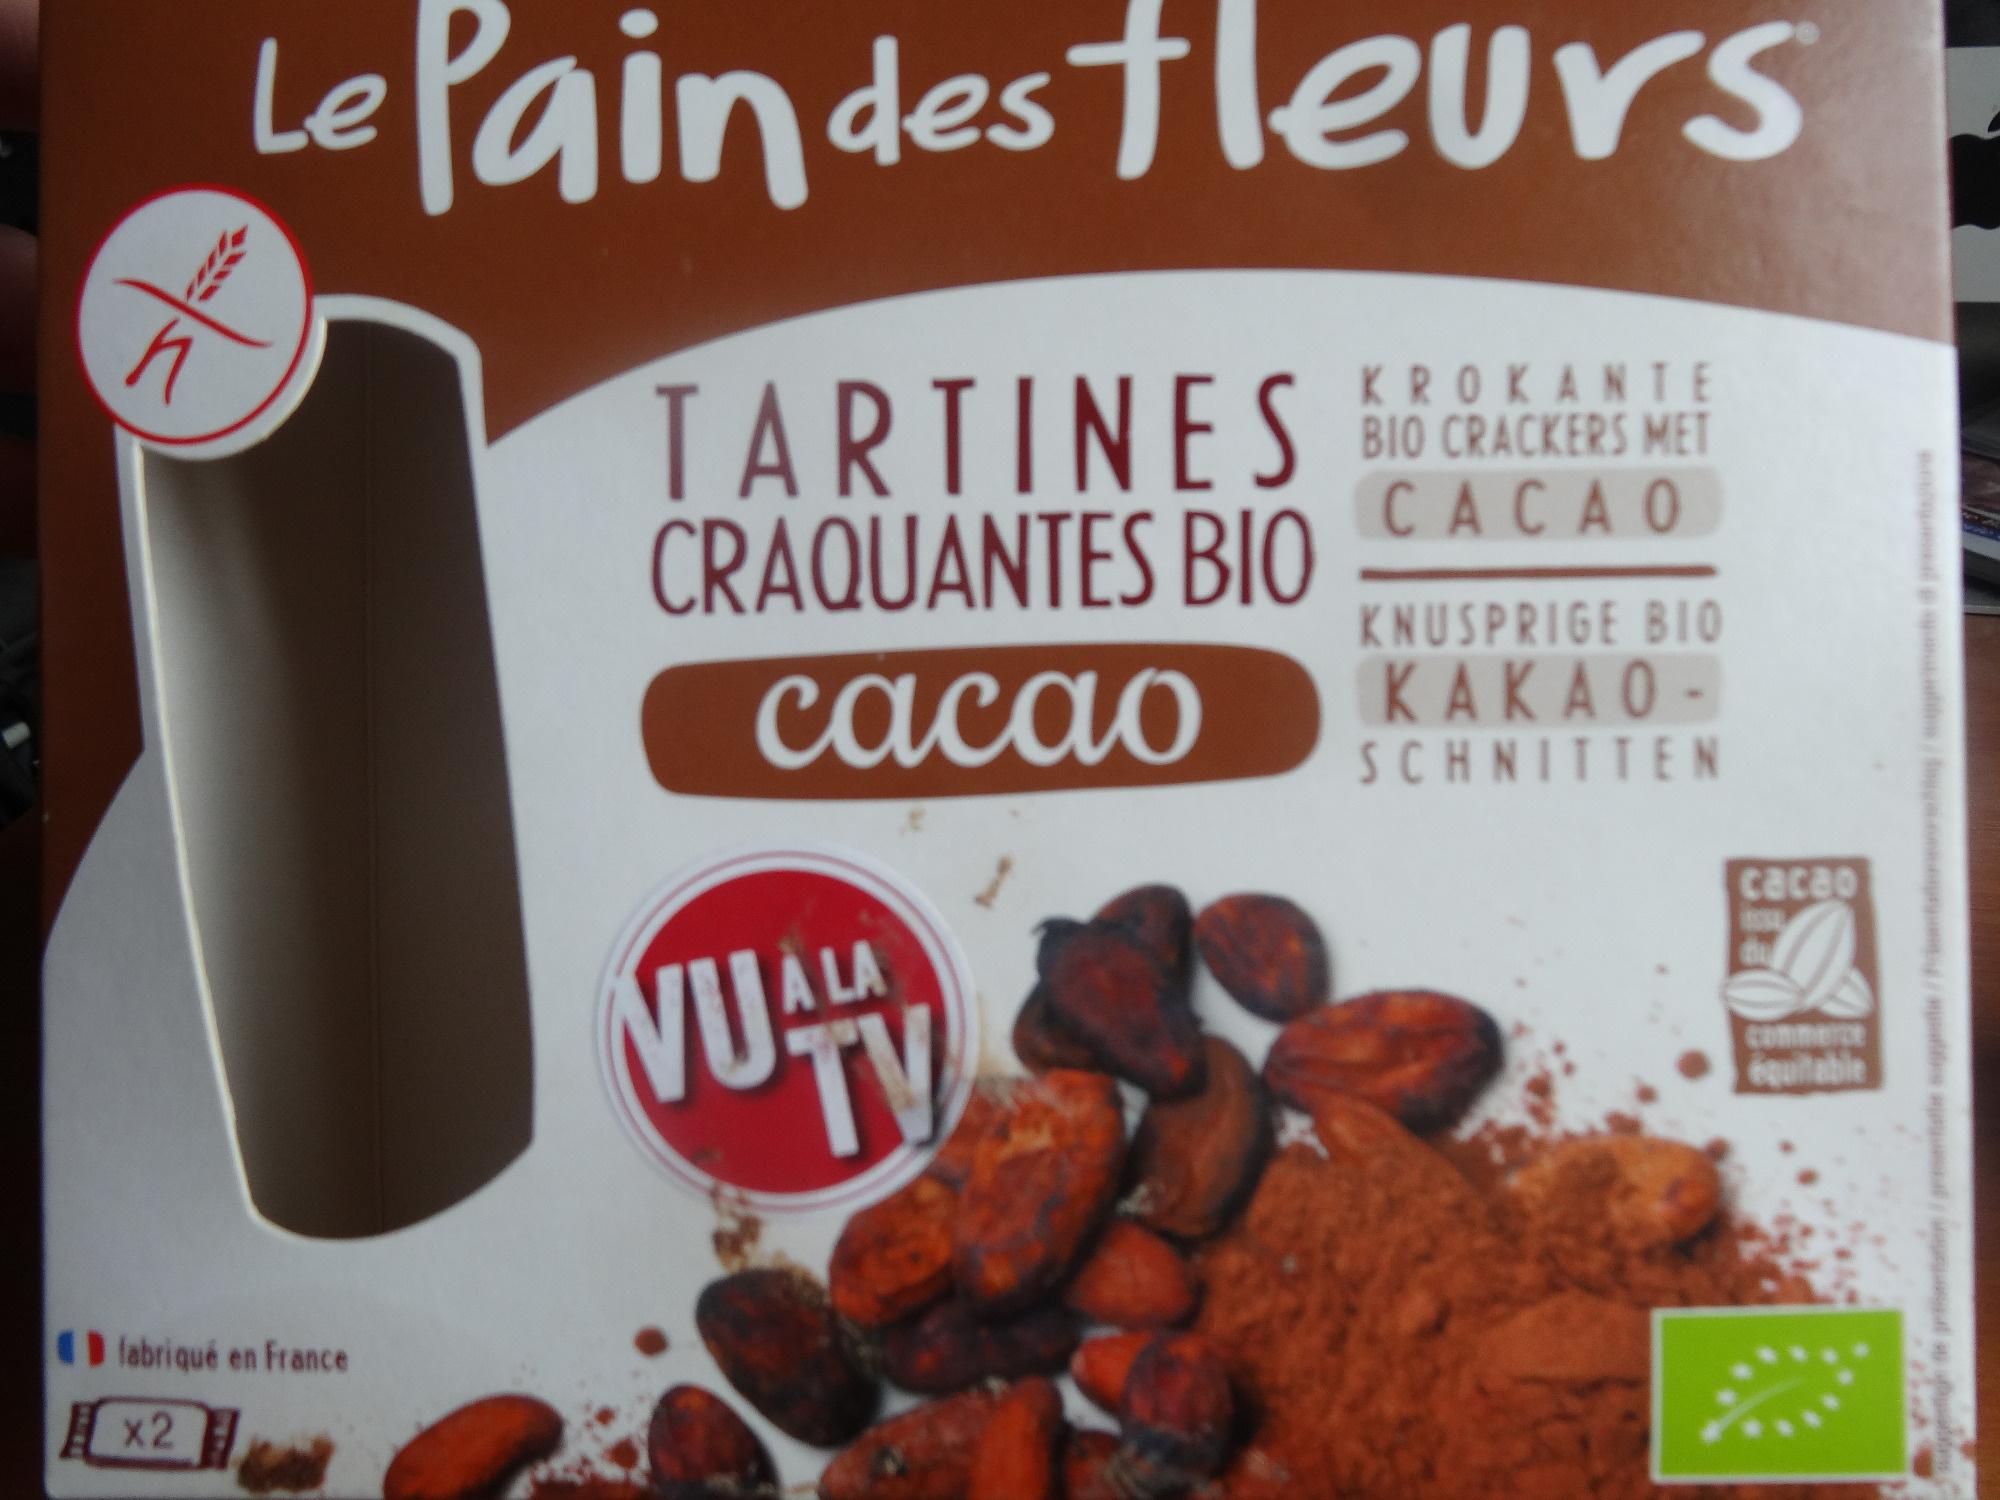 Tartines craquantes bio cacao - Produit